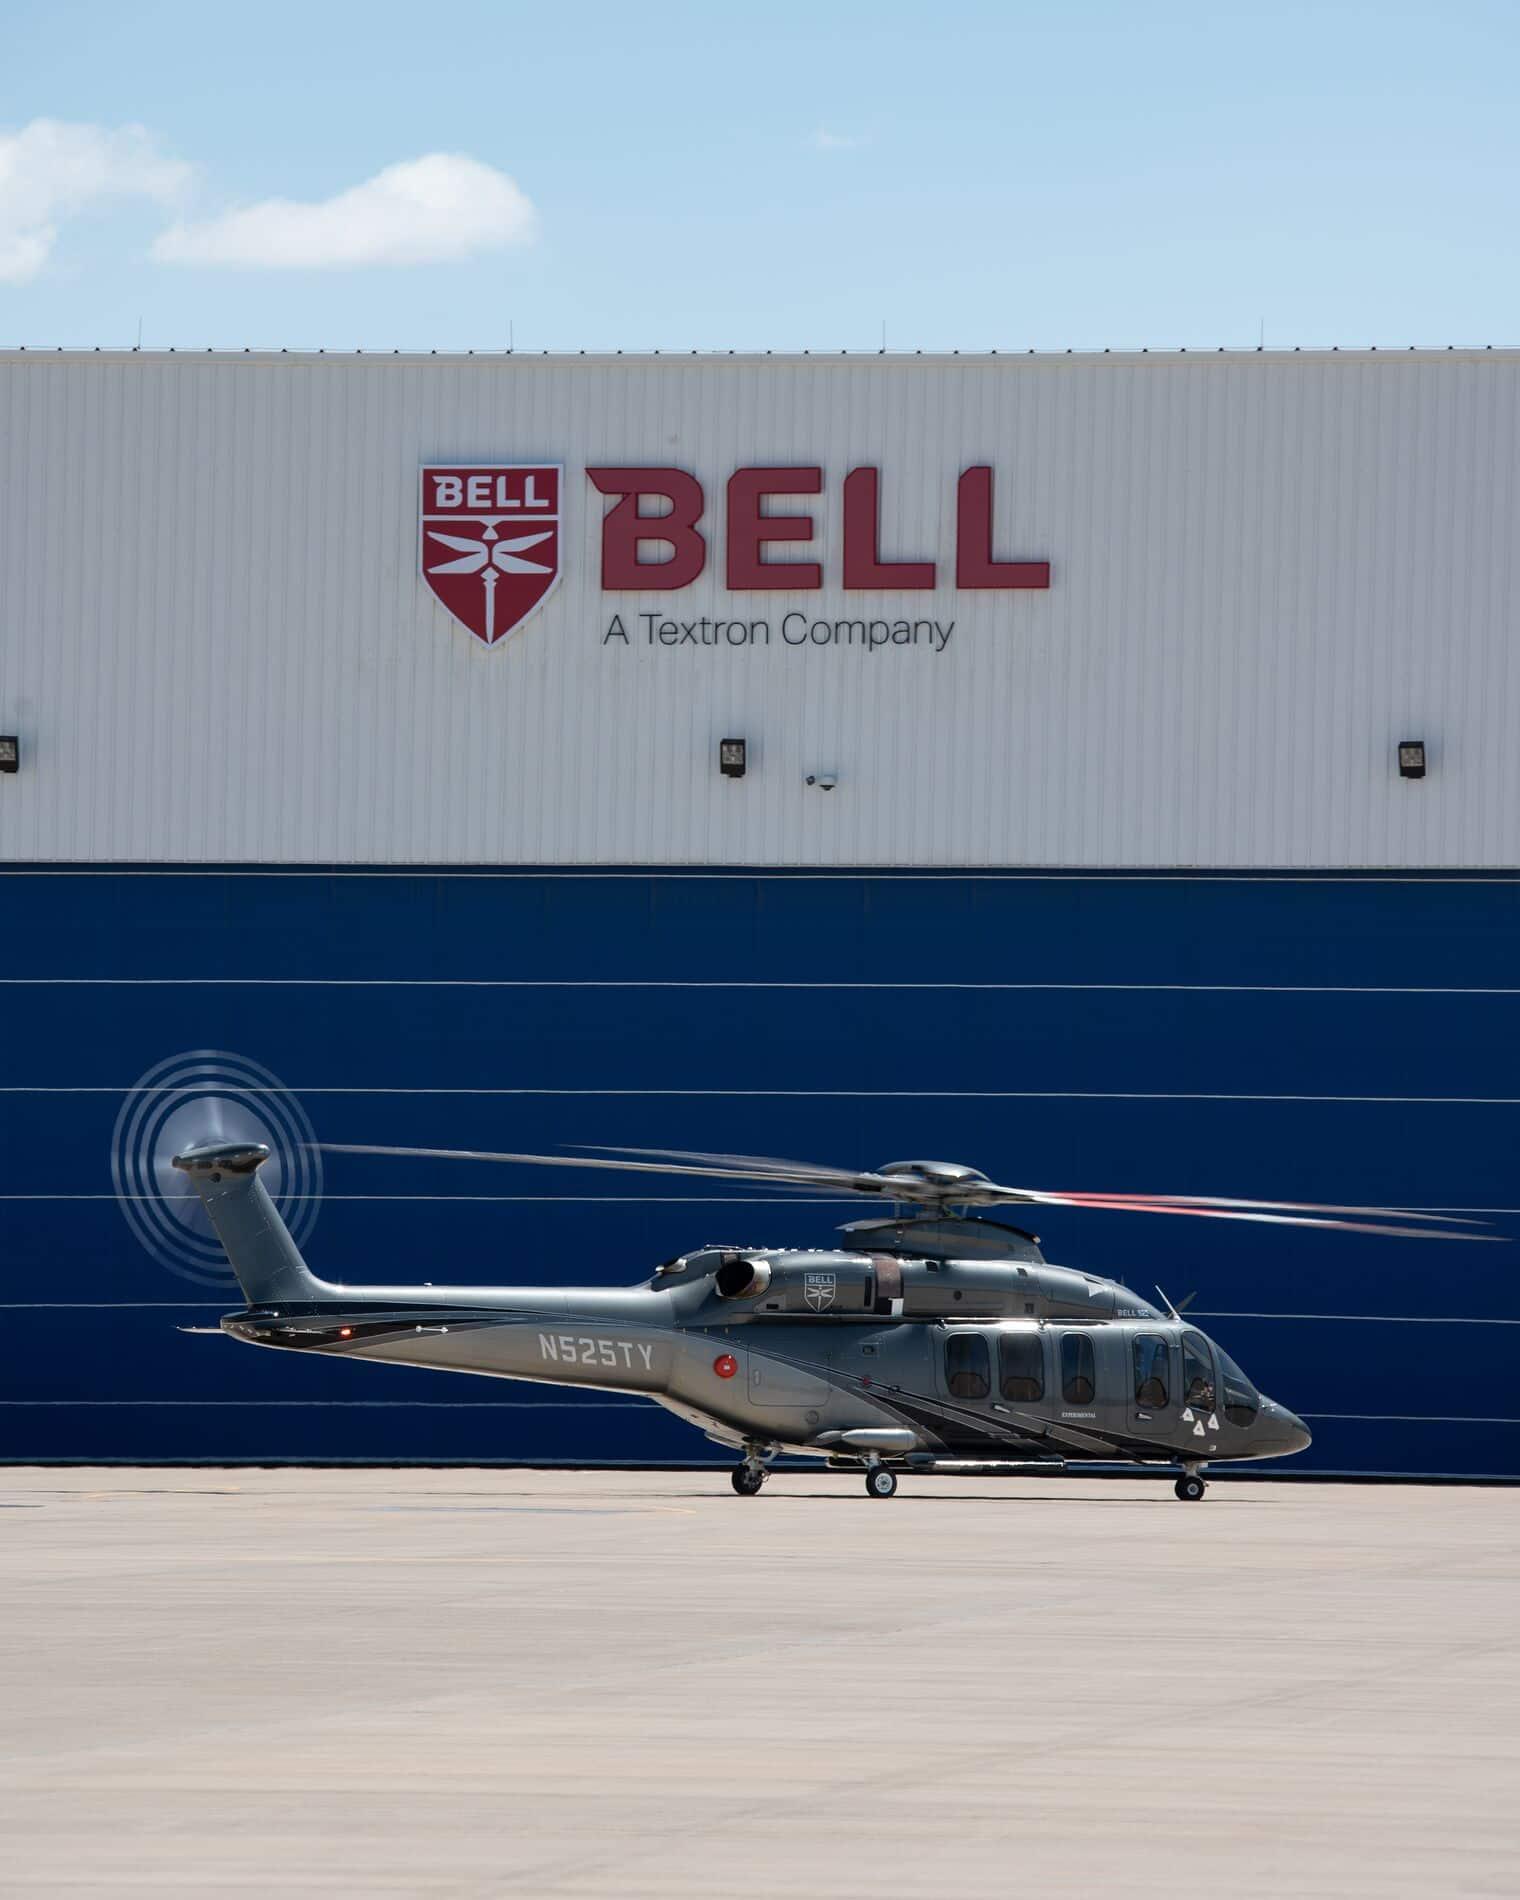 Bell 525 en tierra en Bell